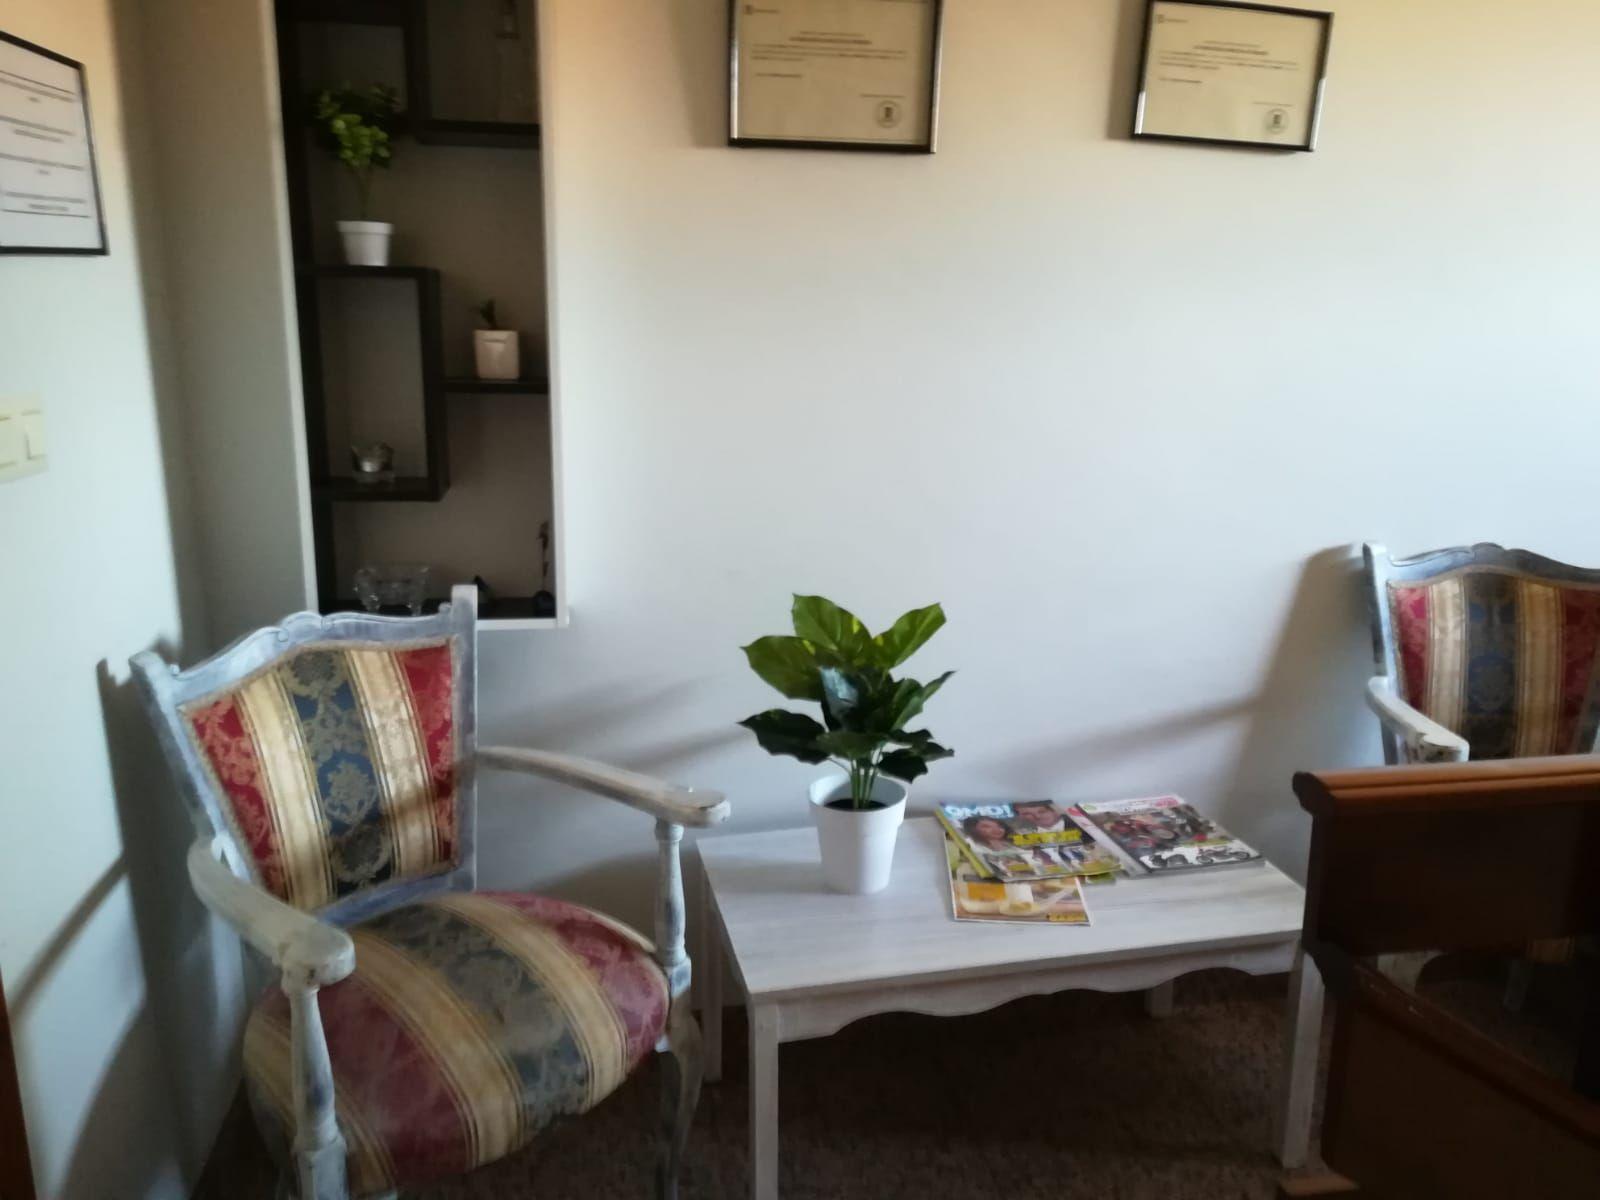 Zonas comunes y sala de espera con diseños adecuados para familiares y residentes